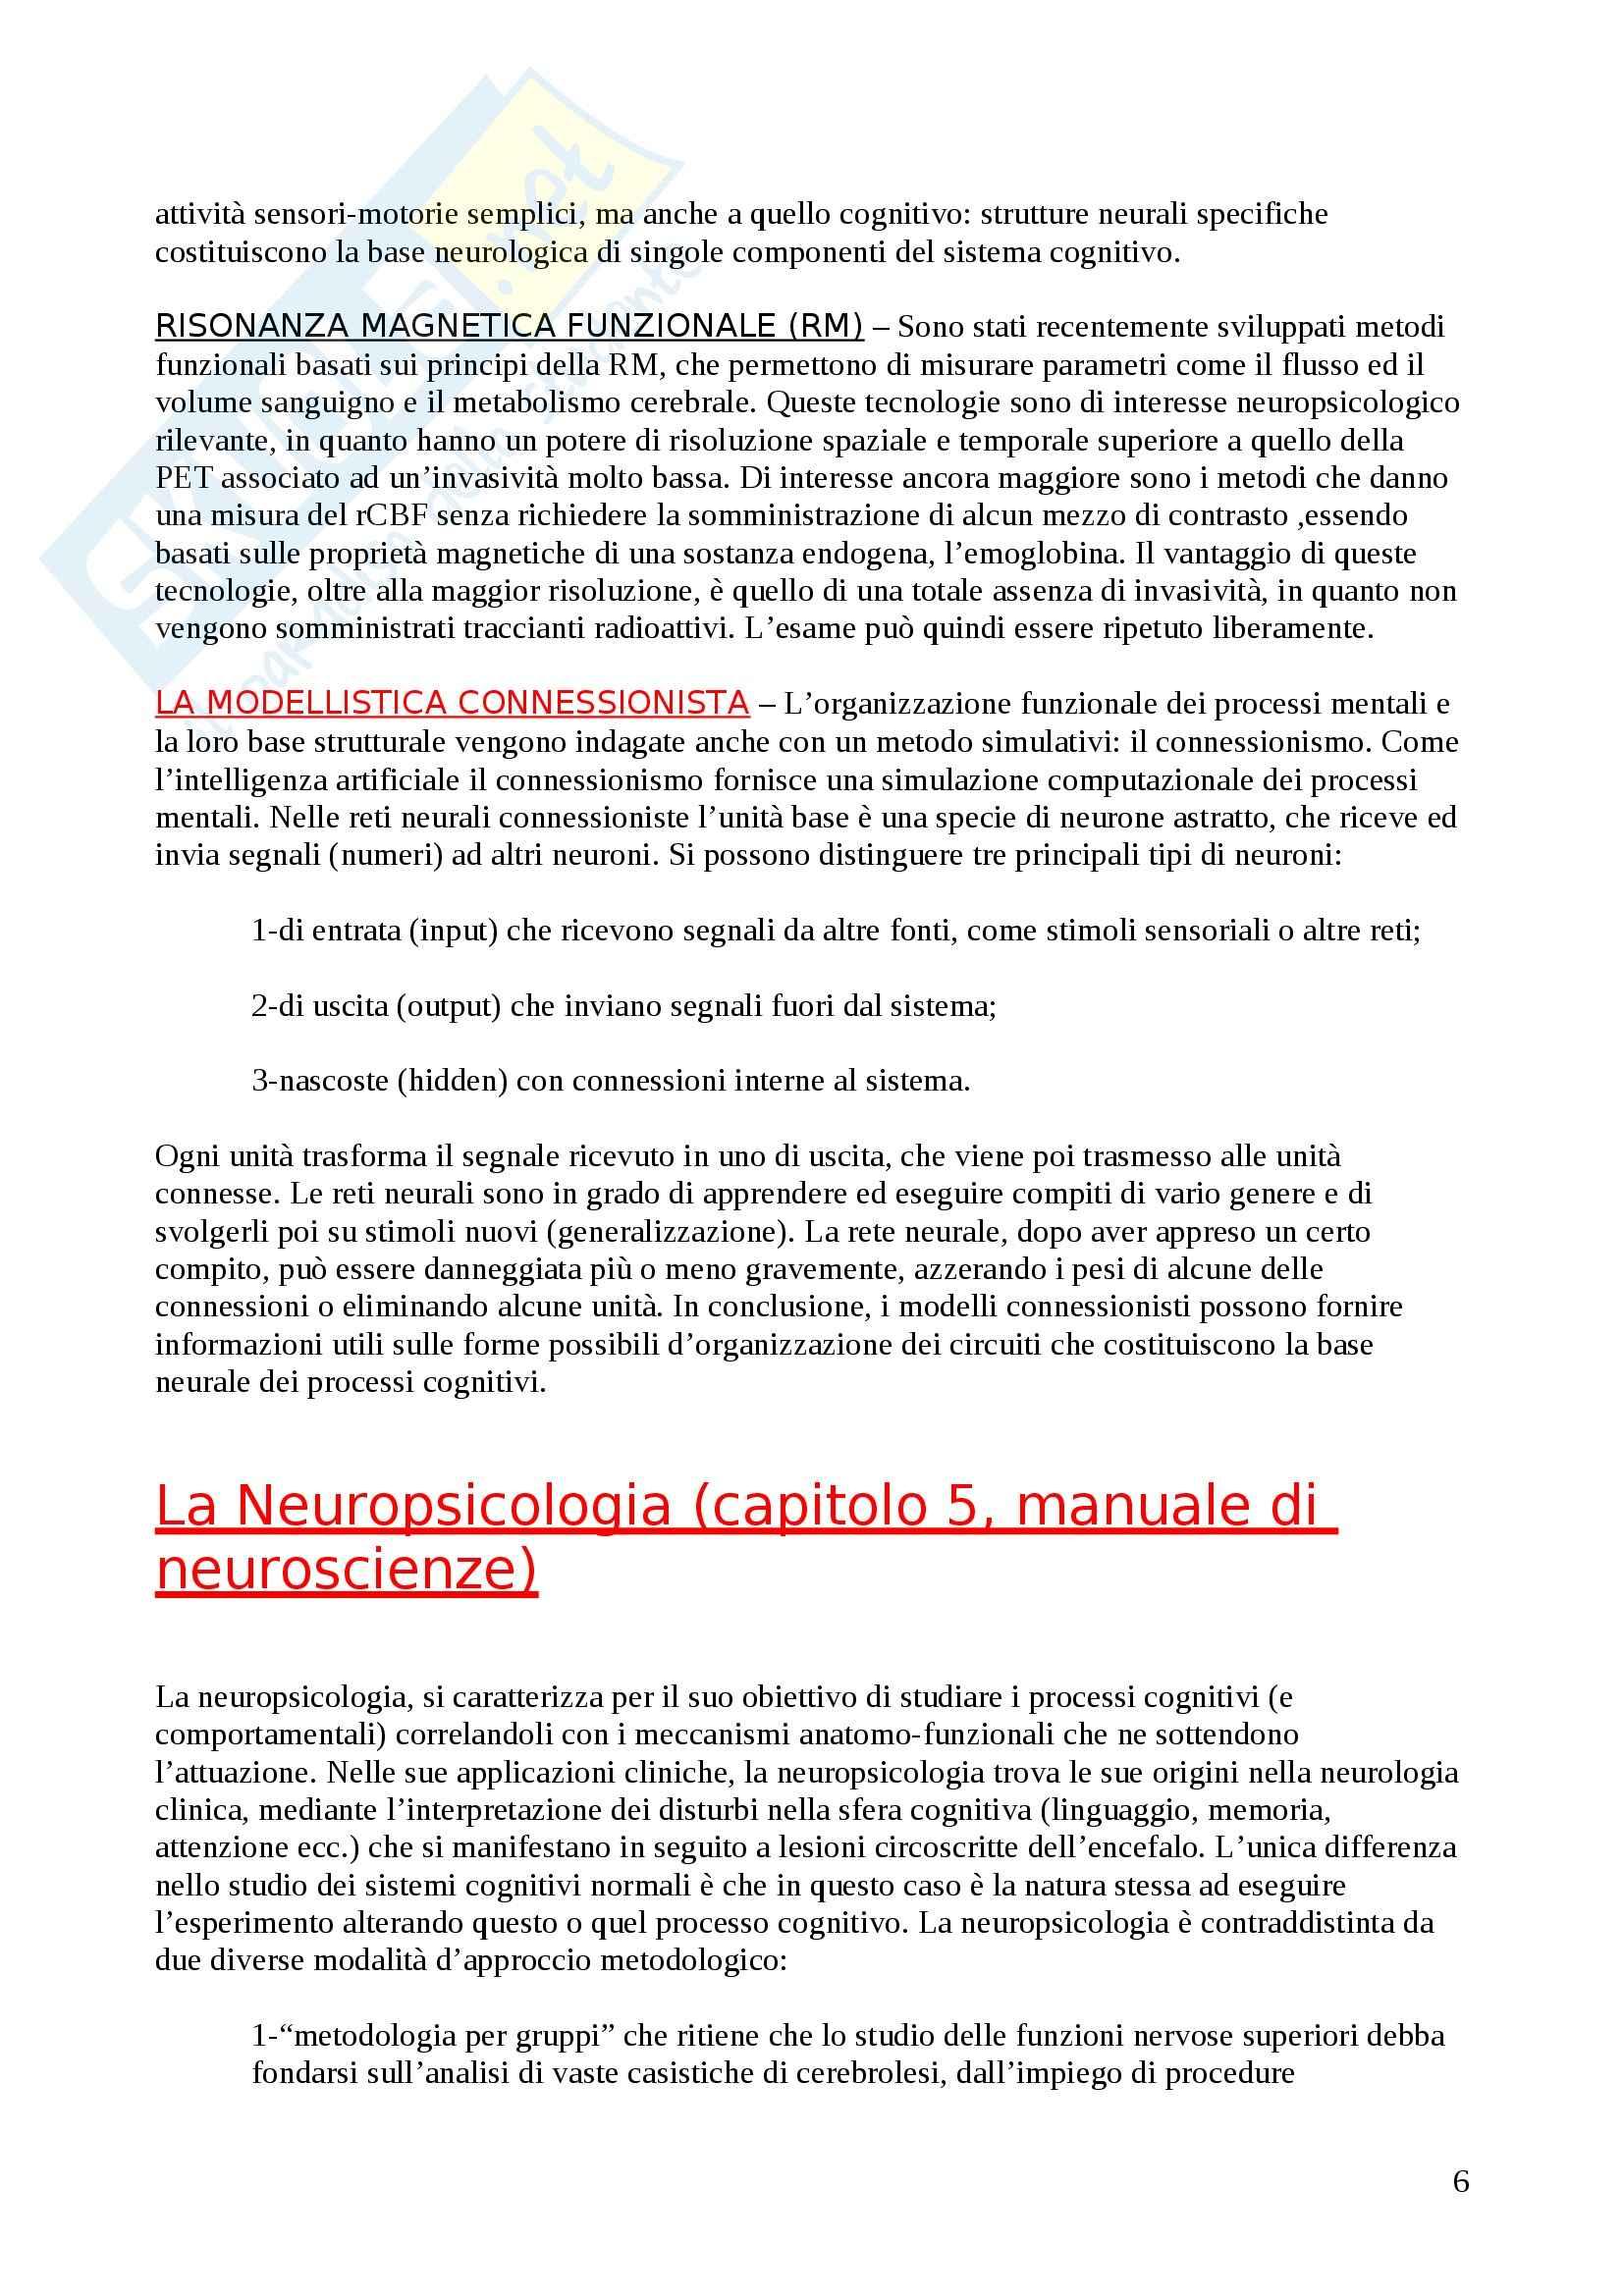 Struttura e funzionamento dei sistema nervoso - la psicologia fisiologica Pag. 6